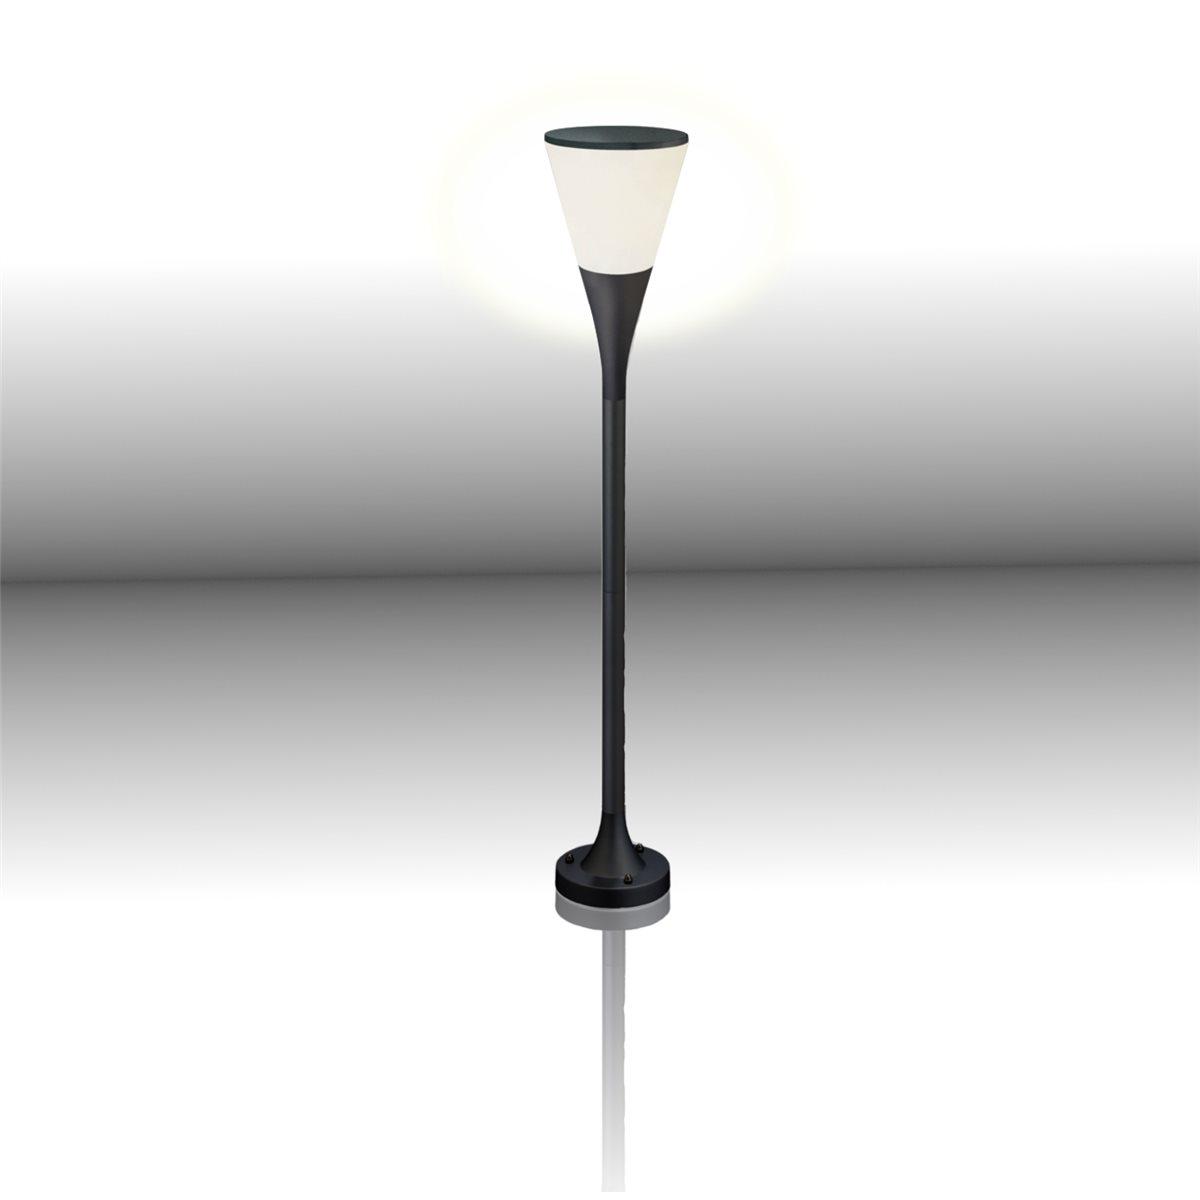 Lampenlux LED Aussenleuchte Elvis Gartenlampe Schwarz Poller Laterne Wegeleuchte H:100cm Ø17cm